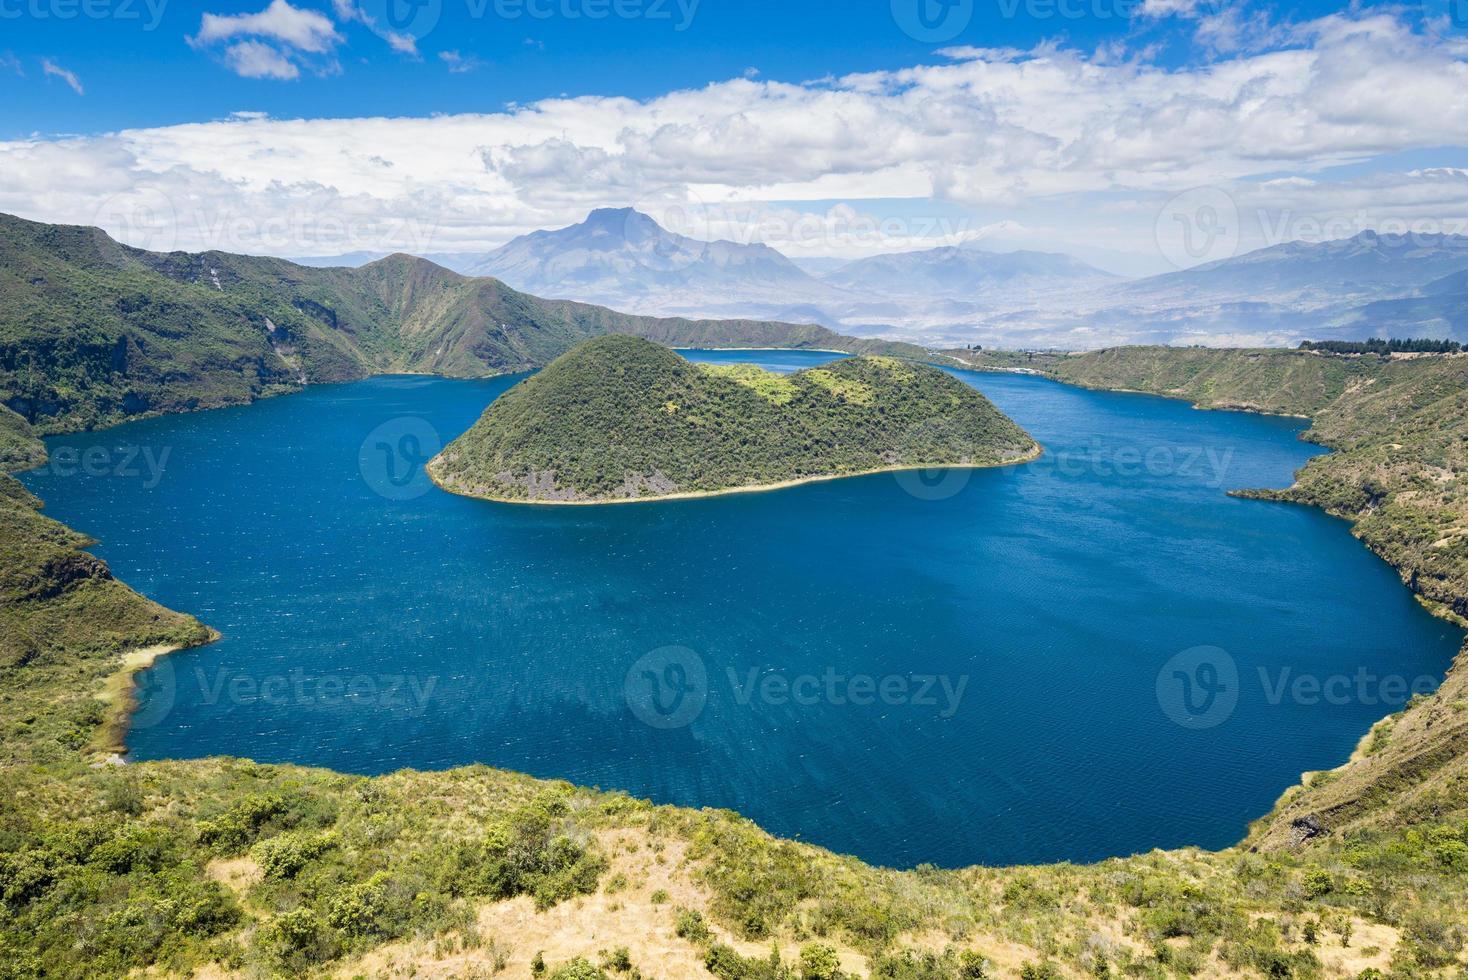 lago del cratere di cuicocha, riserva cotacachi-cayapas, ecuador foto